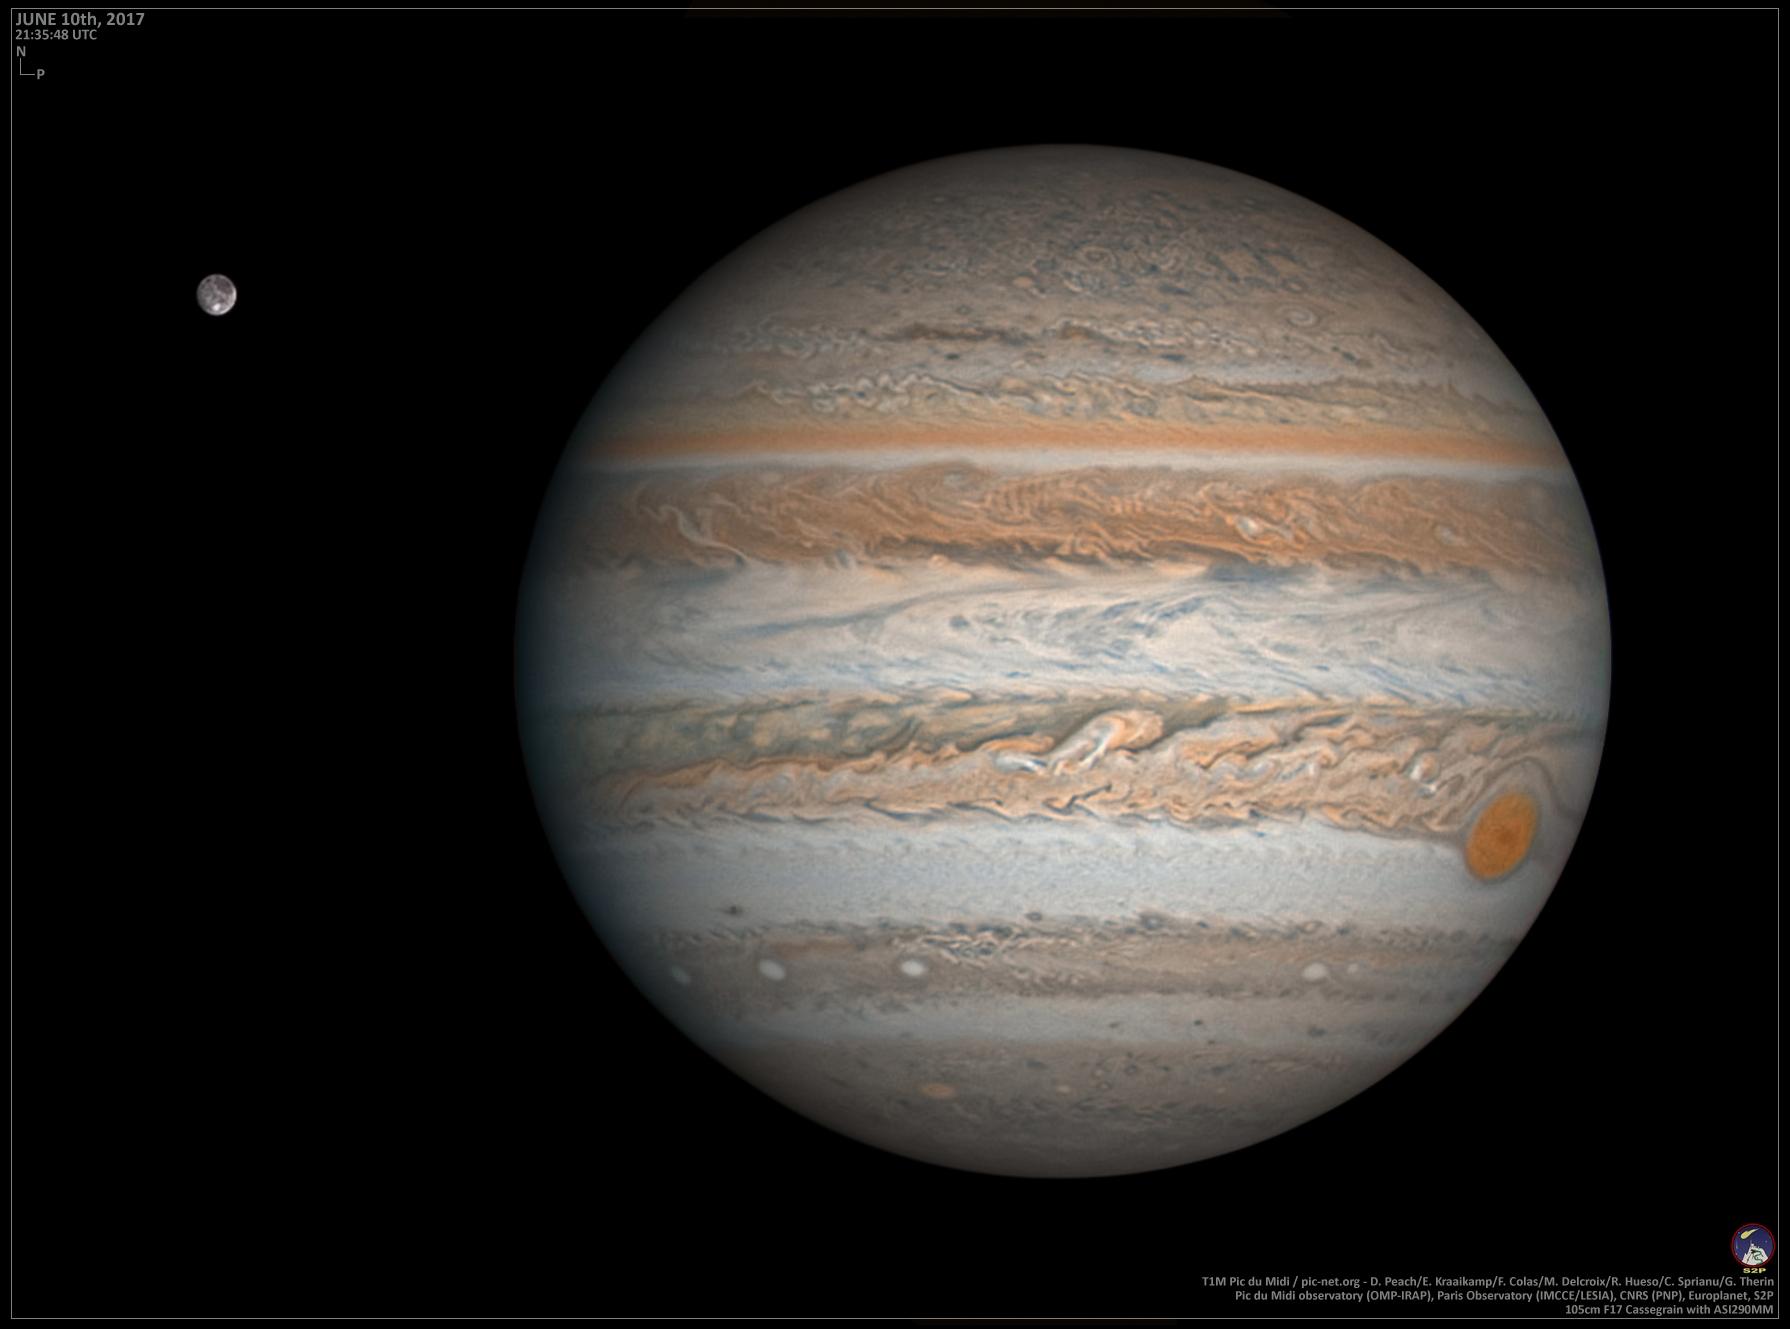 j2017-06-10-2135_8-RGB03.jpg